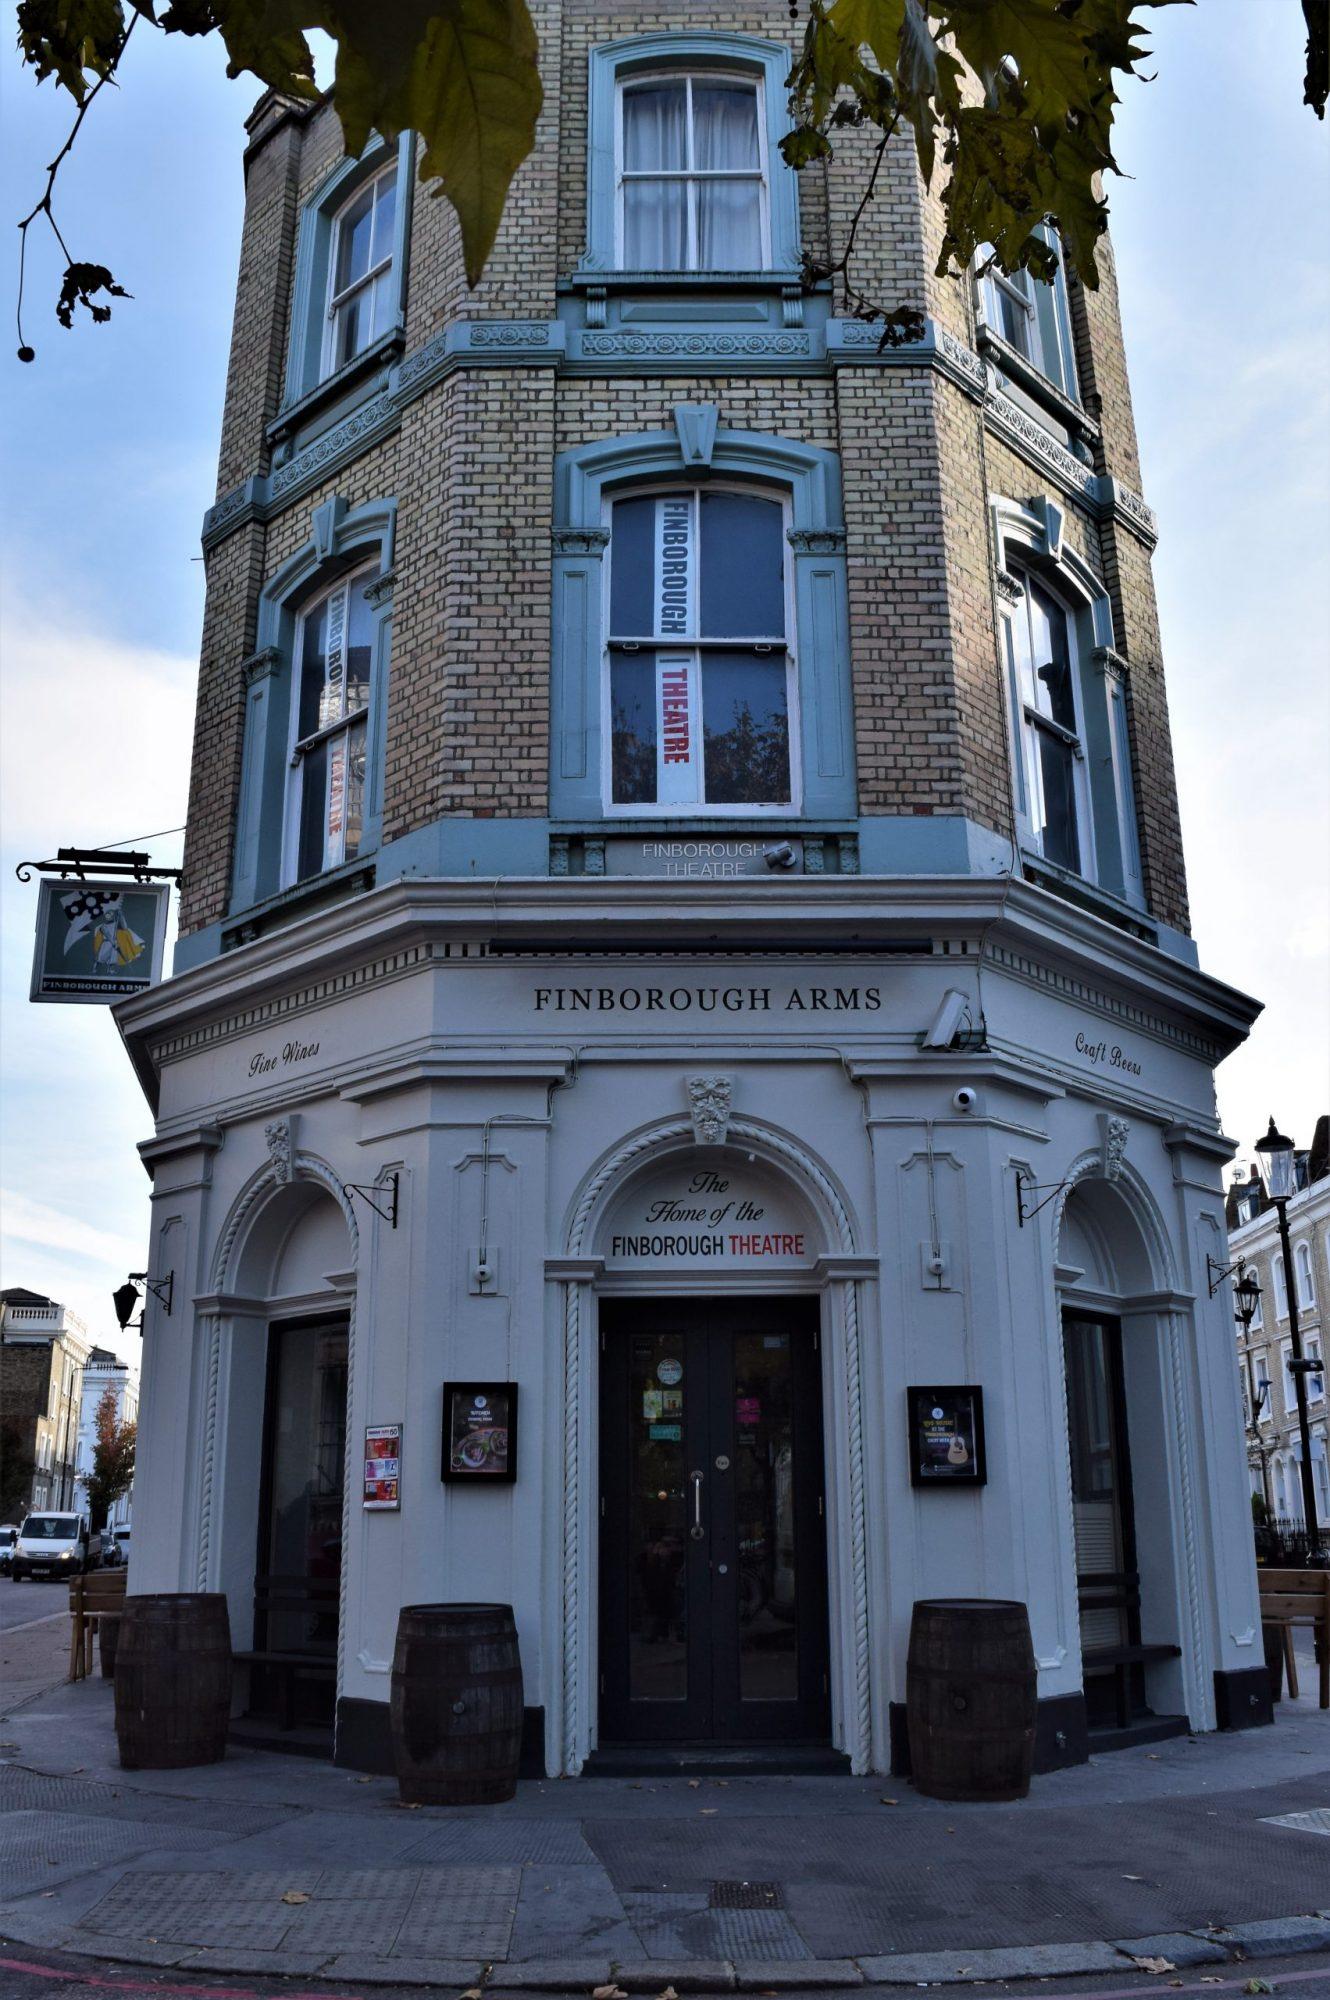 Finborough Theatre Exterior